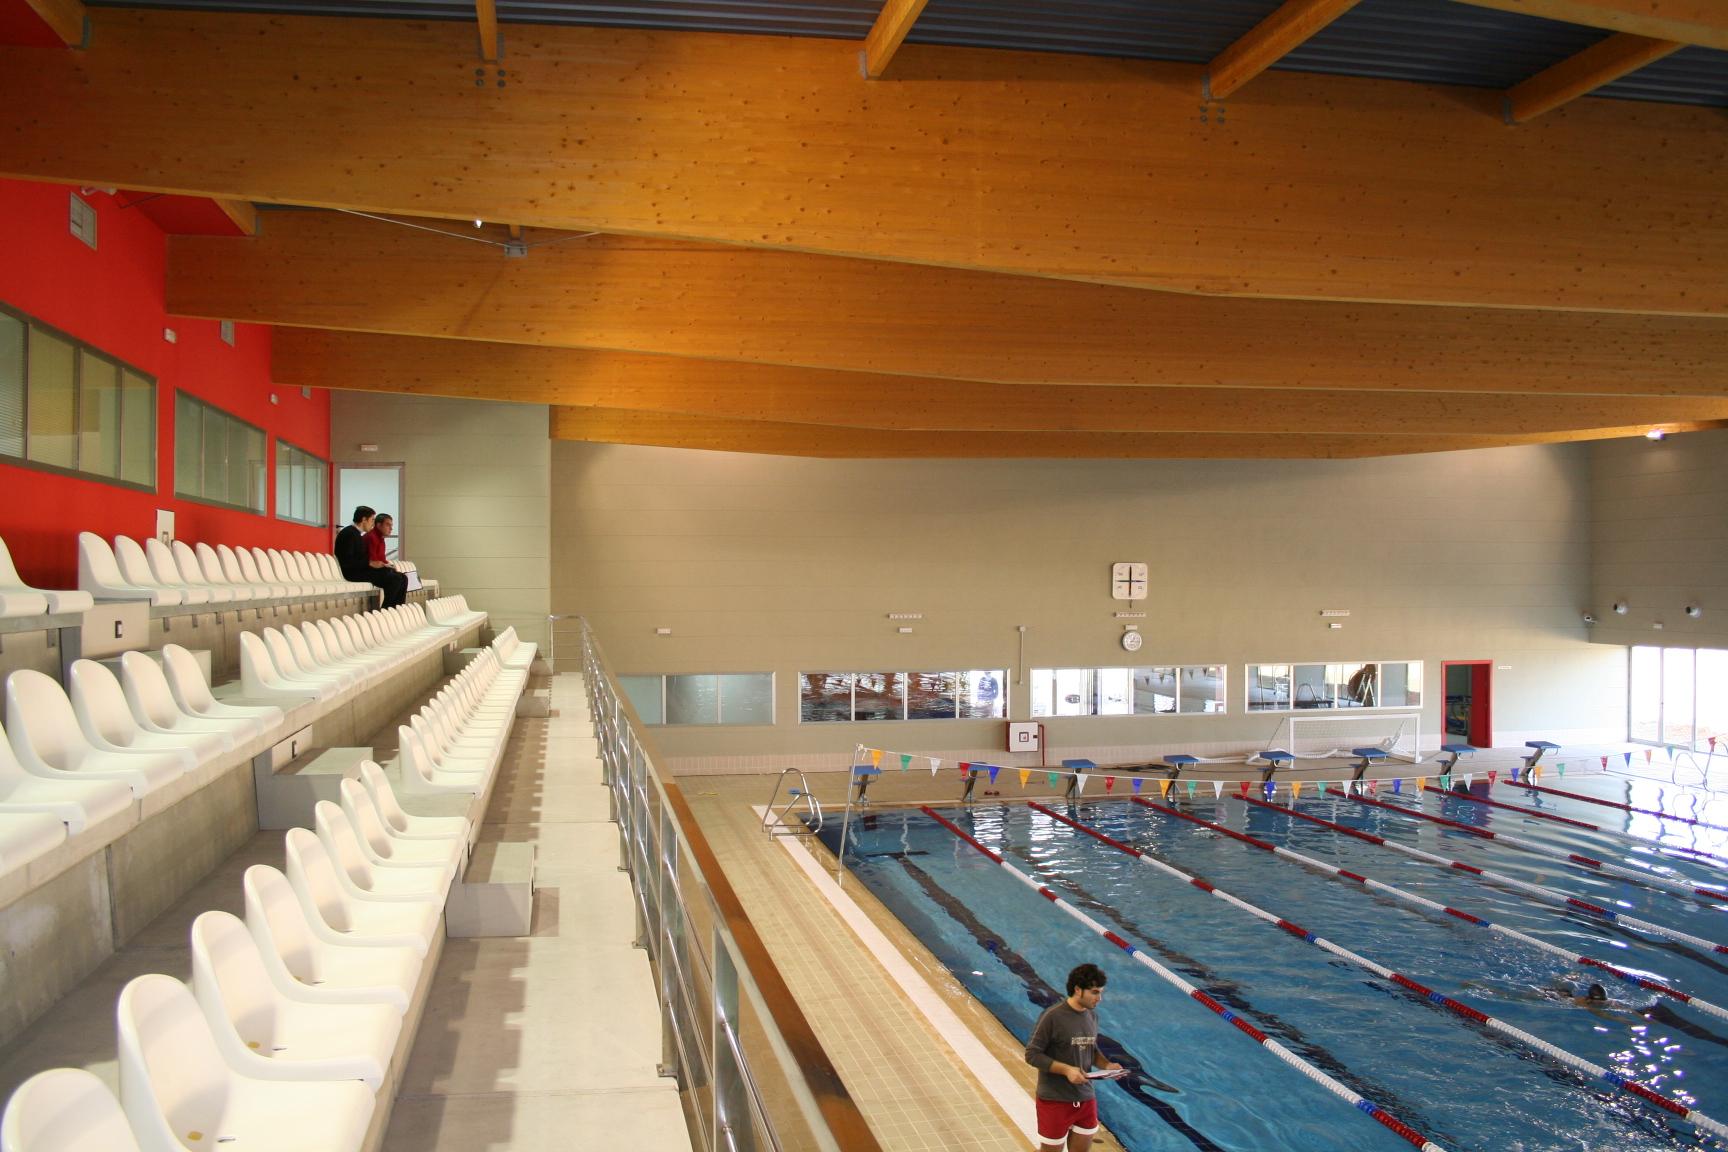 El testigo de los arquitectos a los gestores deportivosbm2 for Piscina cubierta tomares